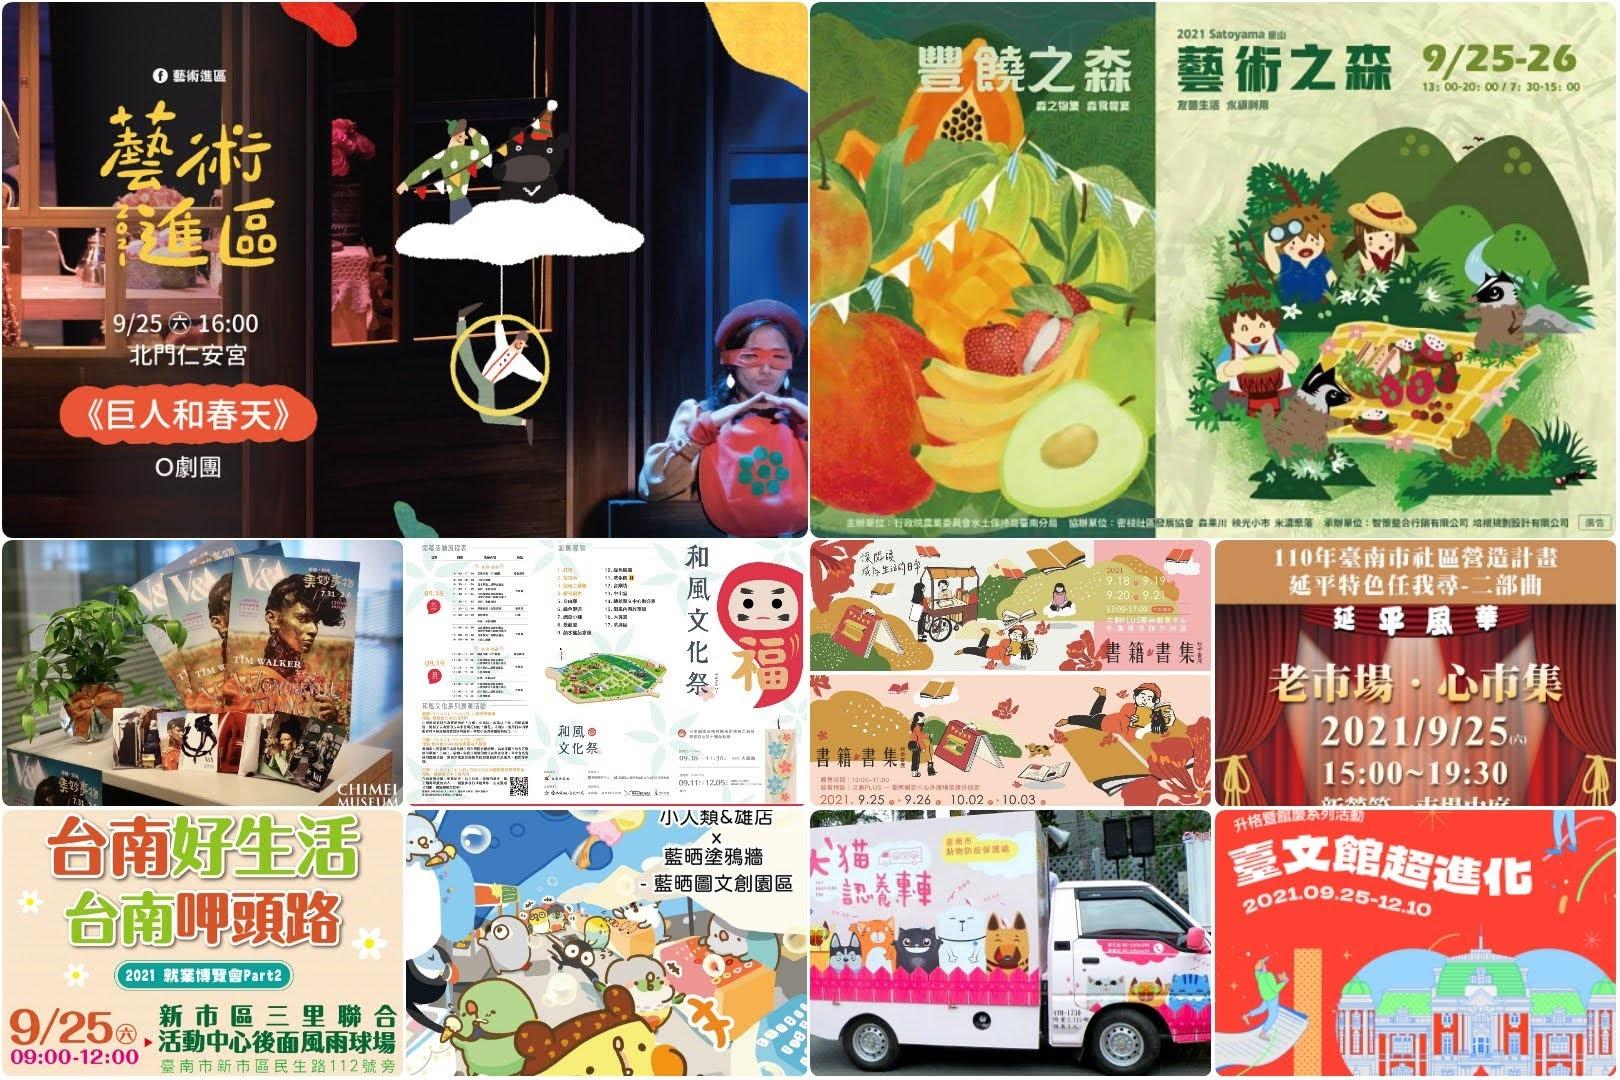 [活動] 2021/9/24-9/26 台南週末資訊整理 本週資訊數︰90